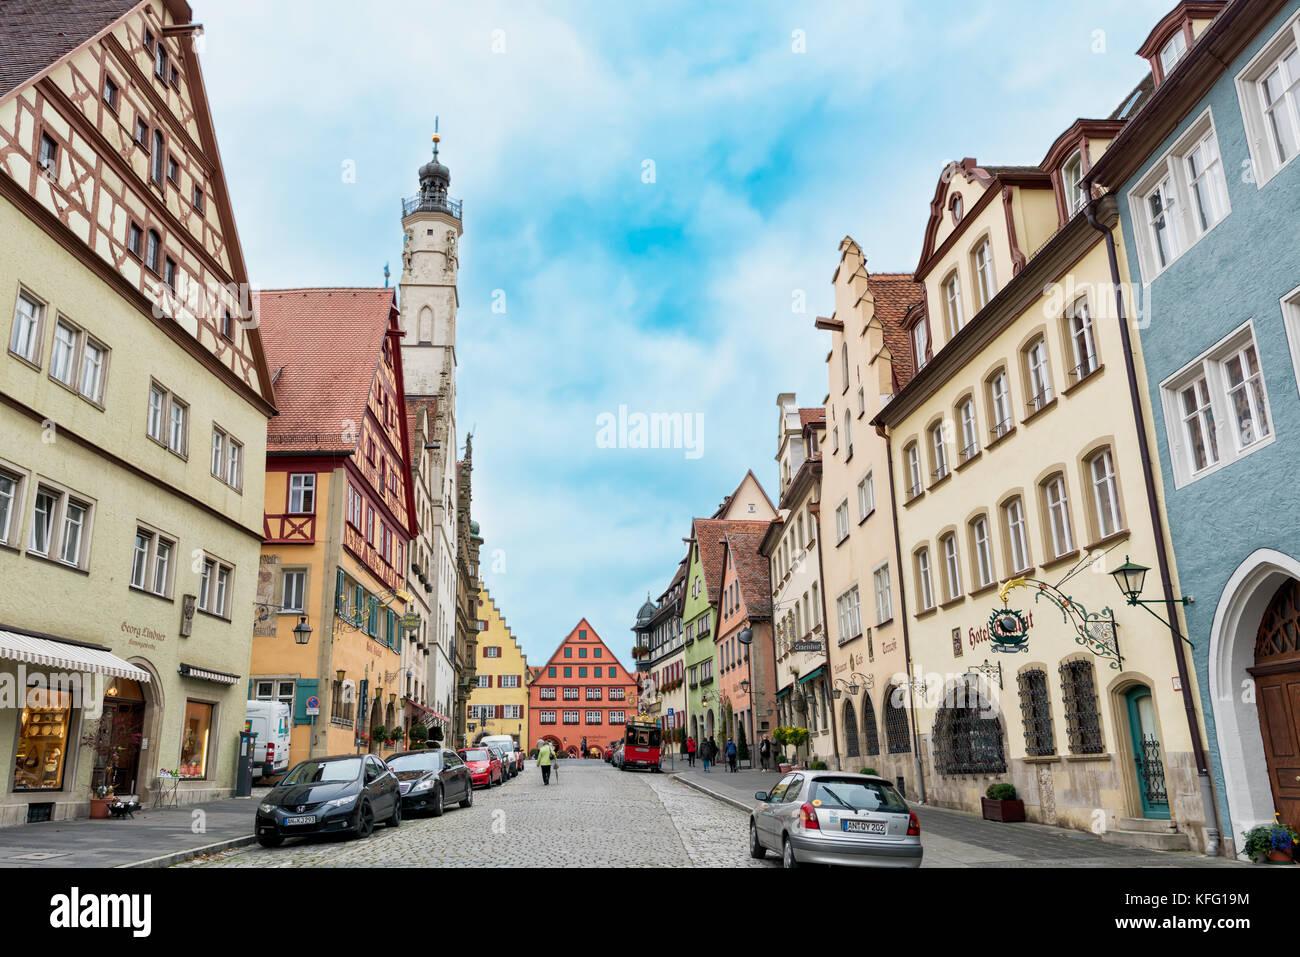 Rothenburg ob der Tauber, Deutschland - Oktober 24, 2017: Unbekannter pedestriants Spaziergang entlang der historischen Stockbild